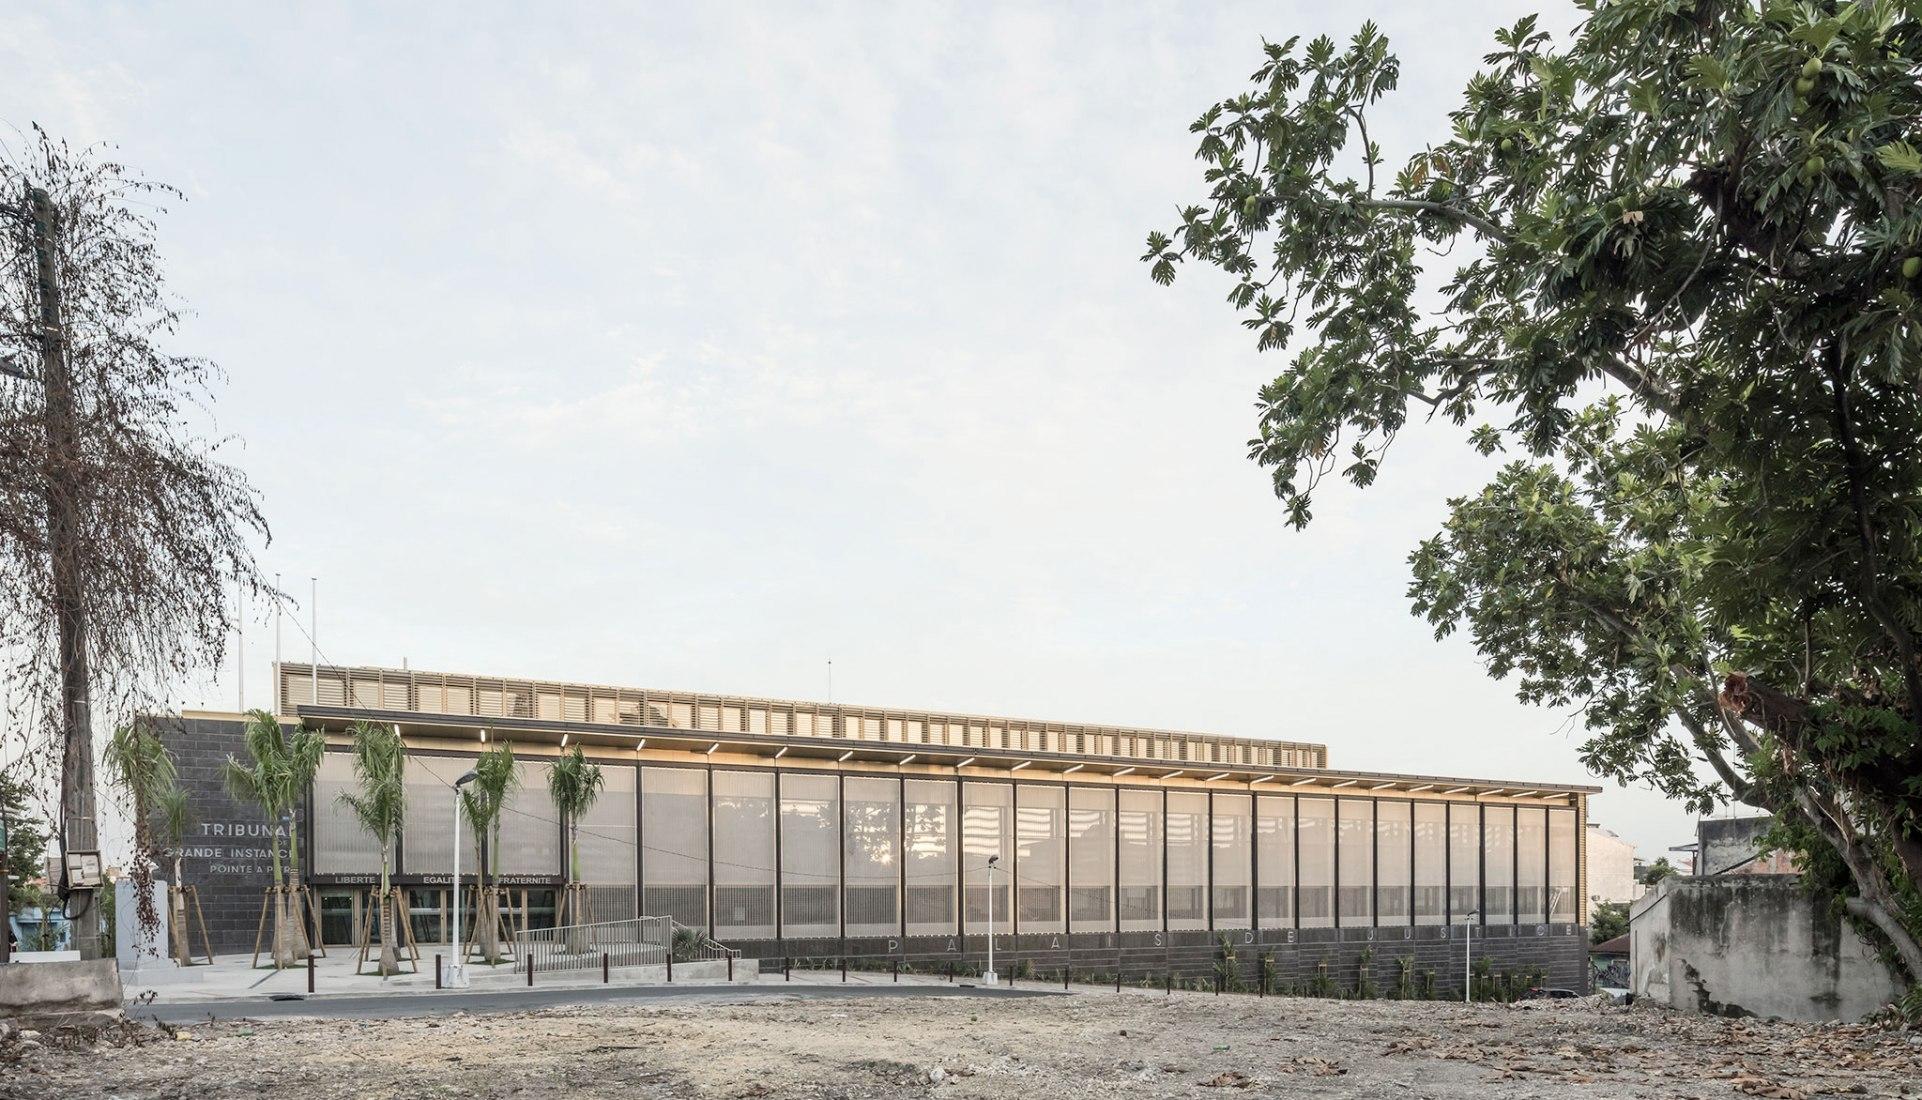 Nuevo palacio de justicia para Pointe-à-Pitre por Ignacio Prego Architectures. Fotografía por Luc Boegly